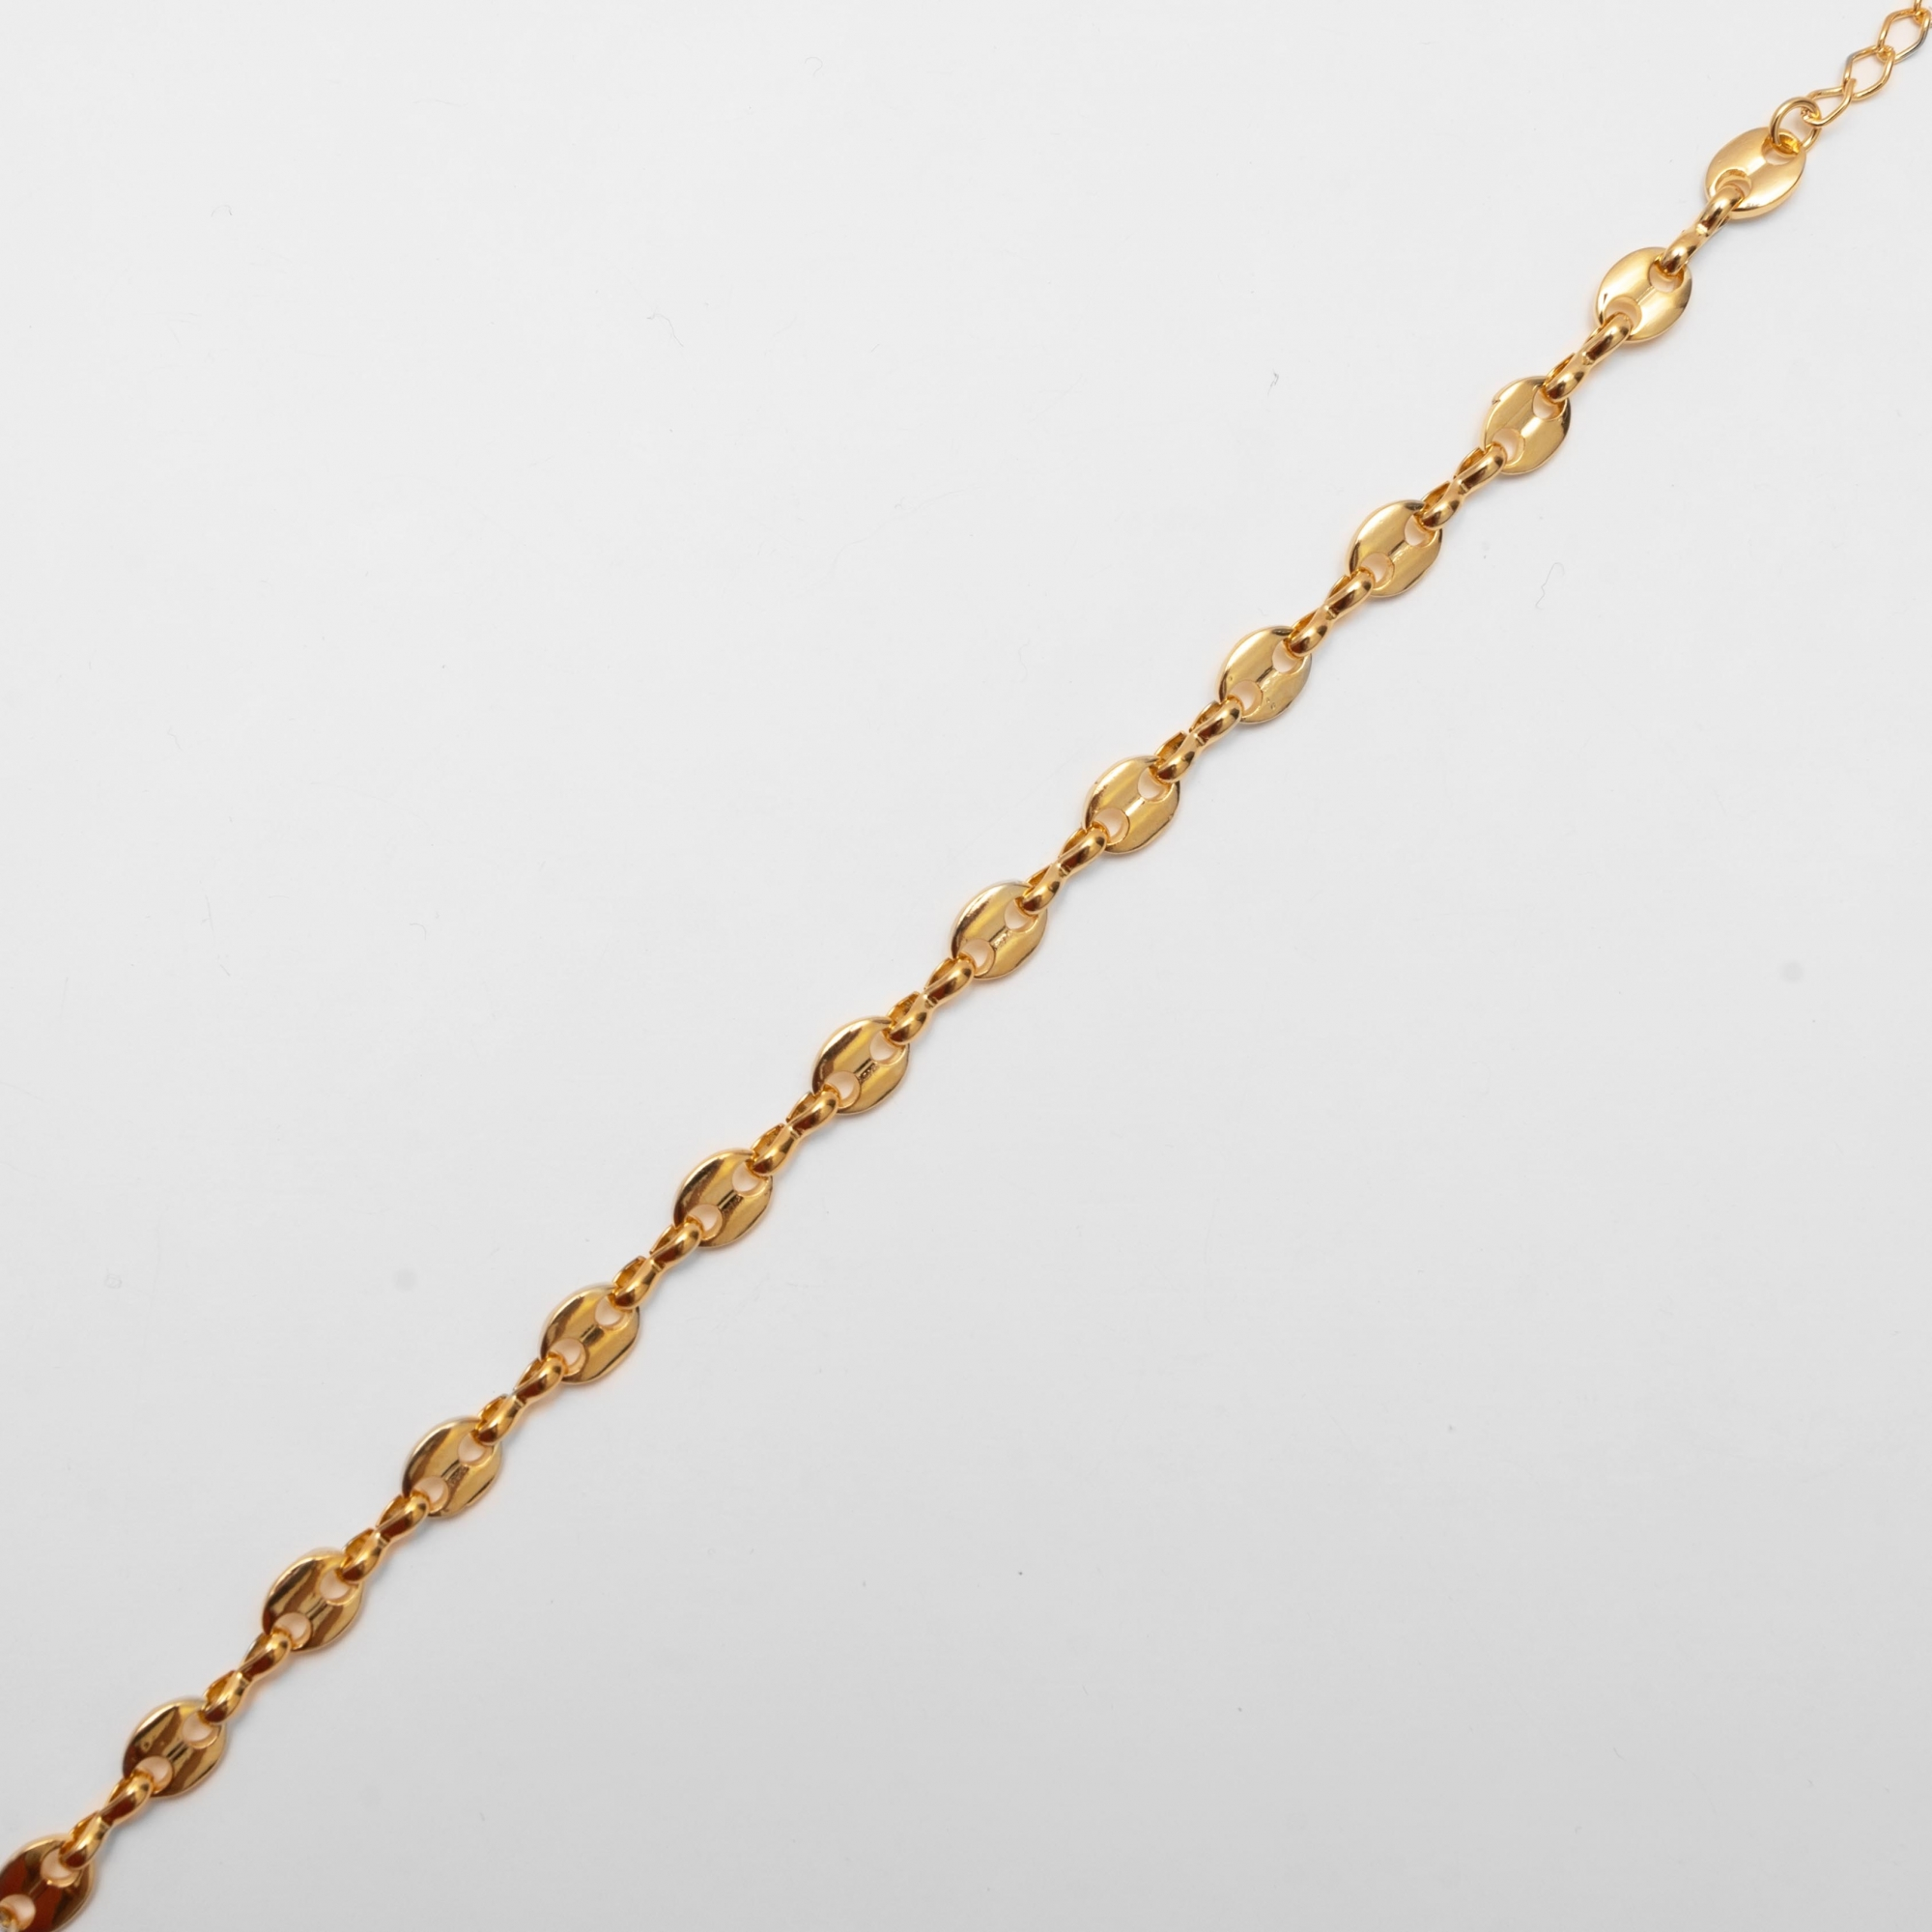 Pulseira Malha Botões Folheada Ouro 18K  - Lunozê Joias